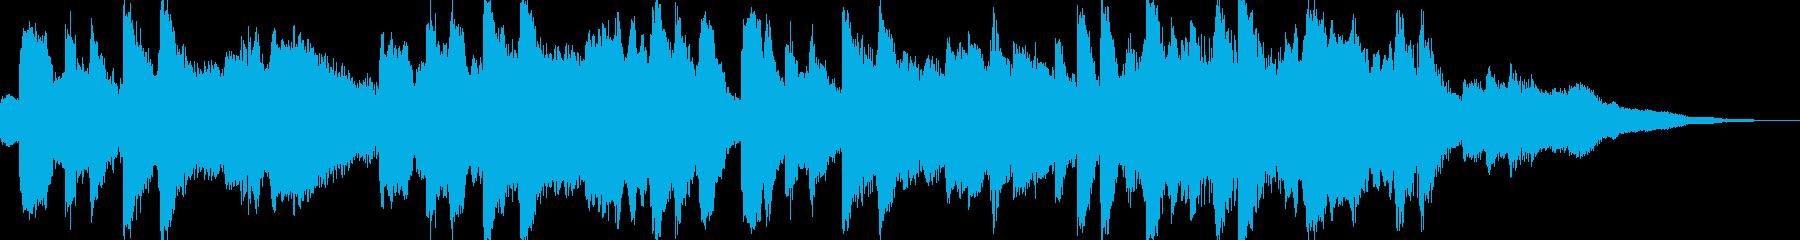 広がりのあるストリングスとピアノ 匠 の再生済みの波形